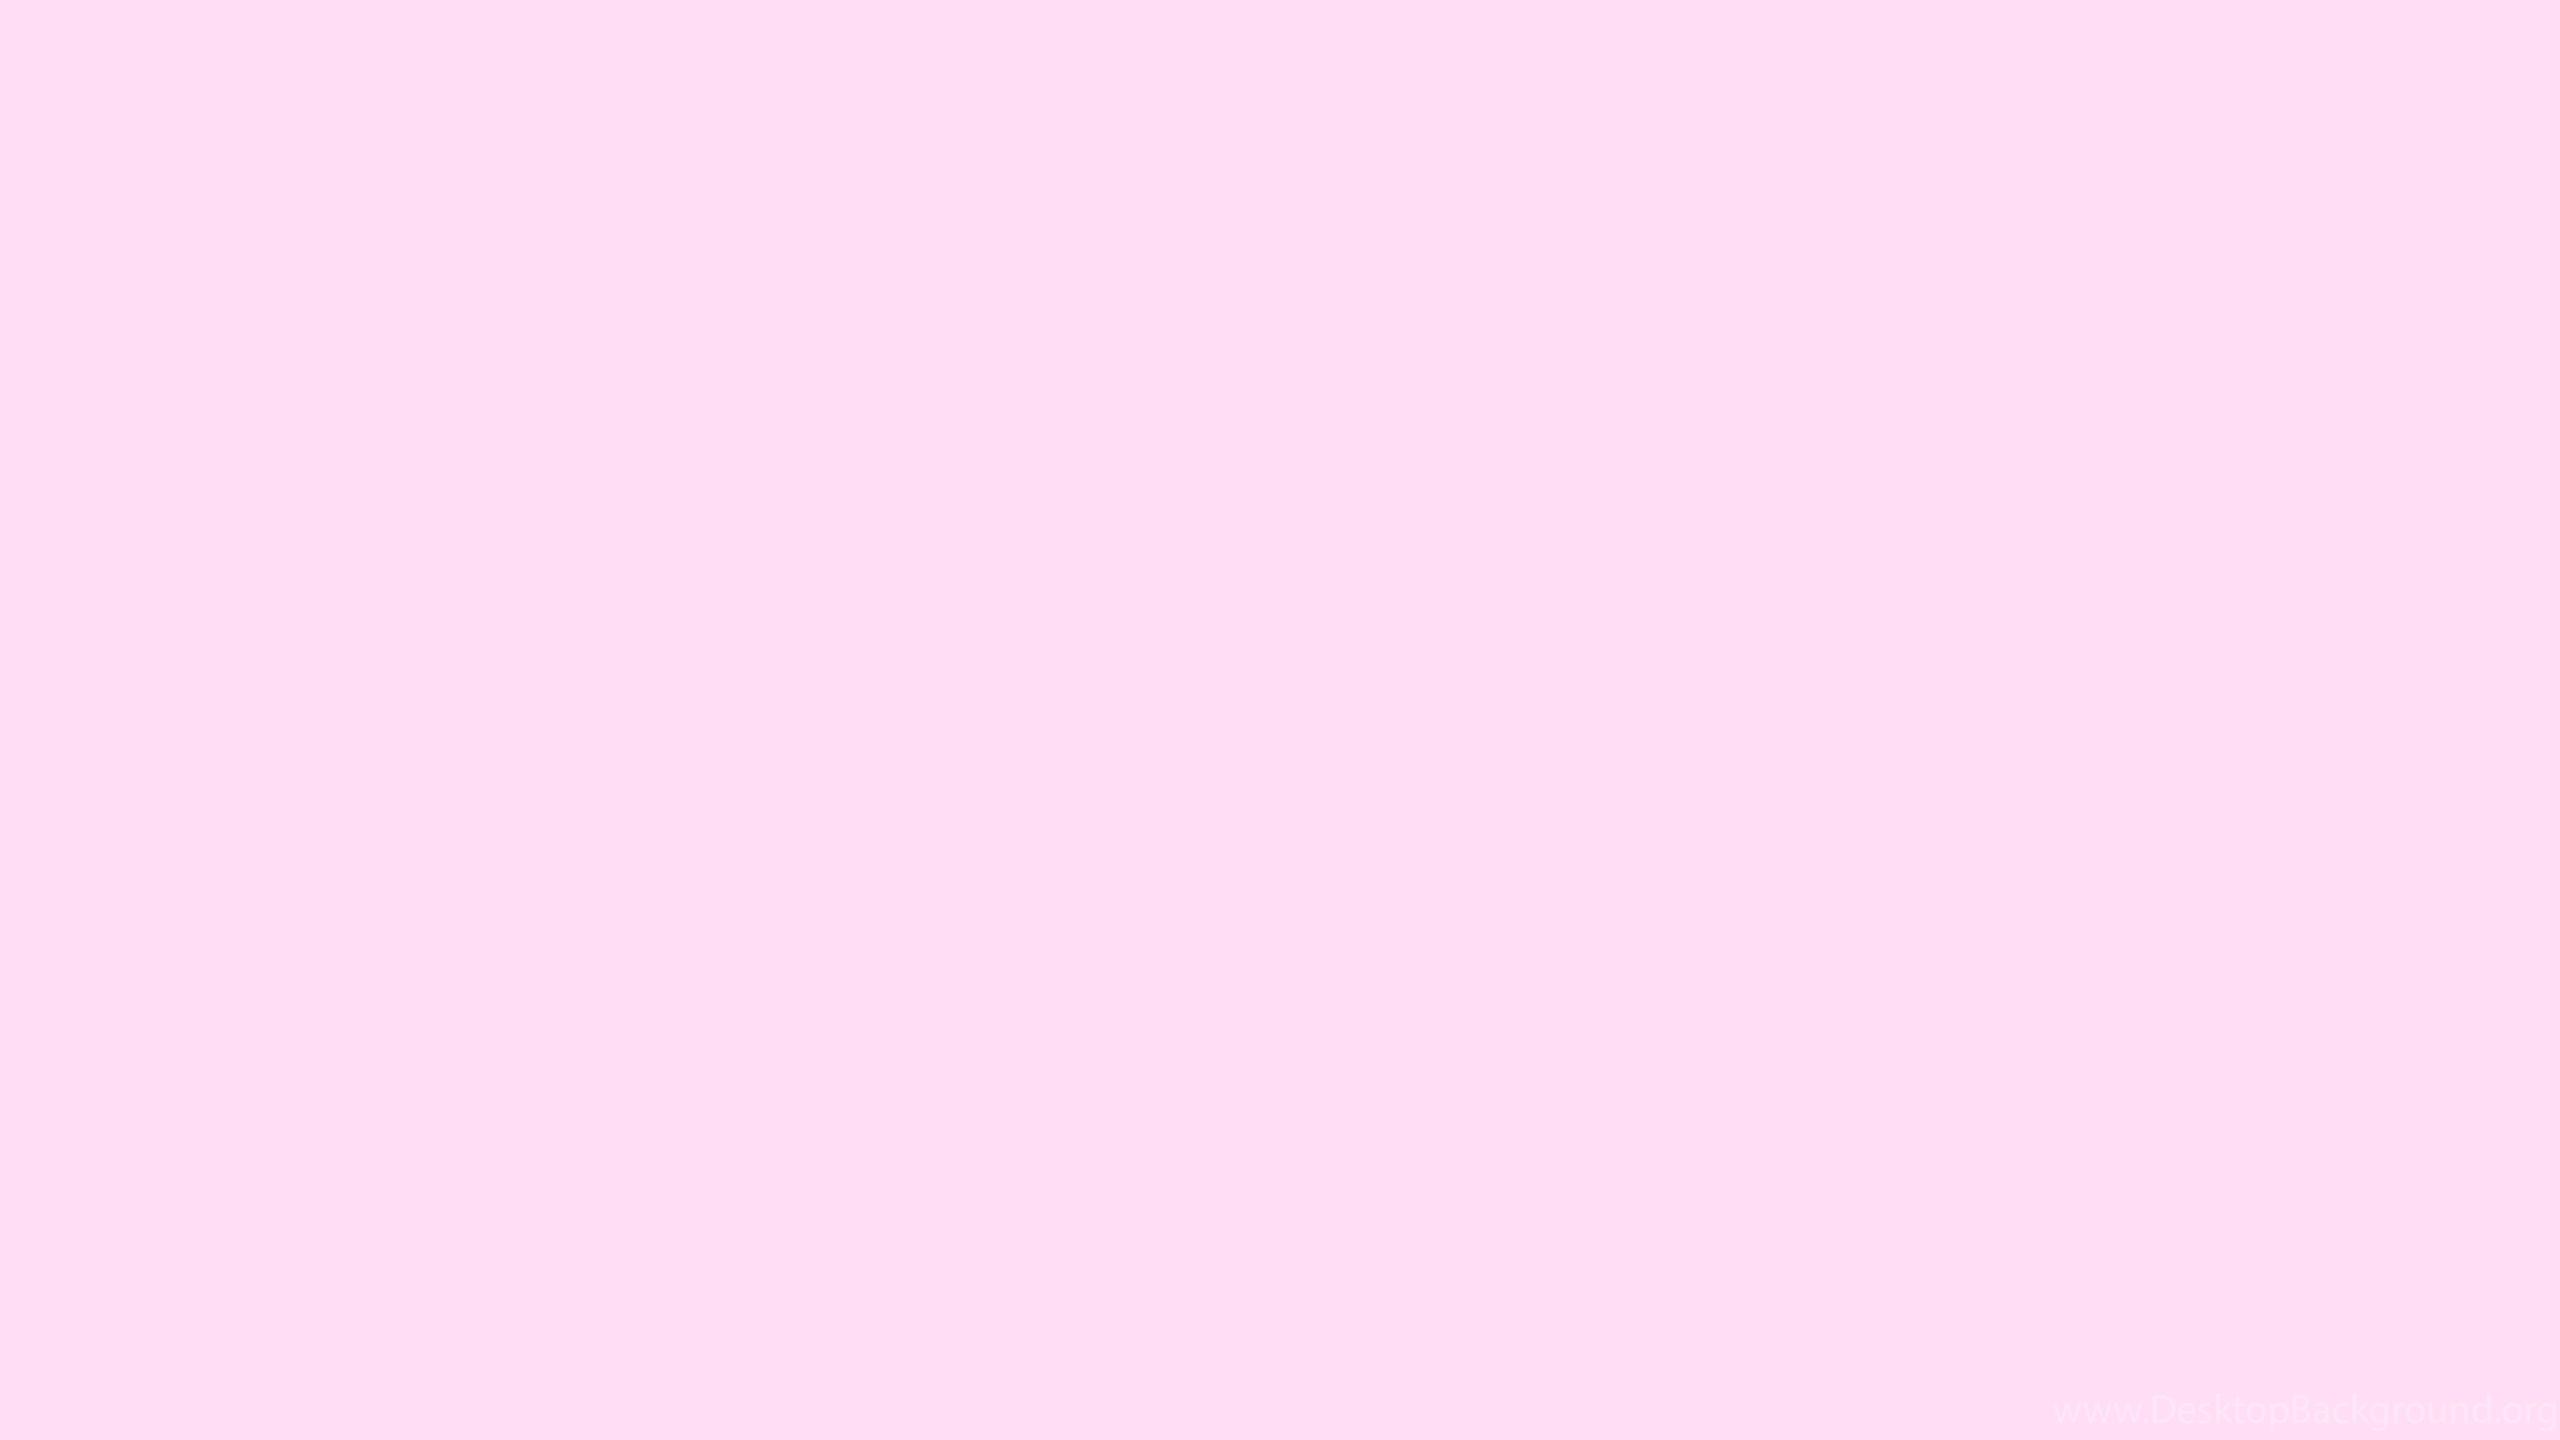 2560x1440 pink lace solid color desktop background - Pastel lace wallpaper ...